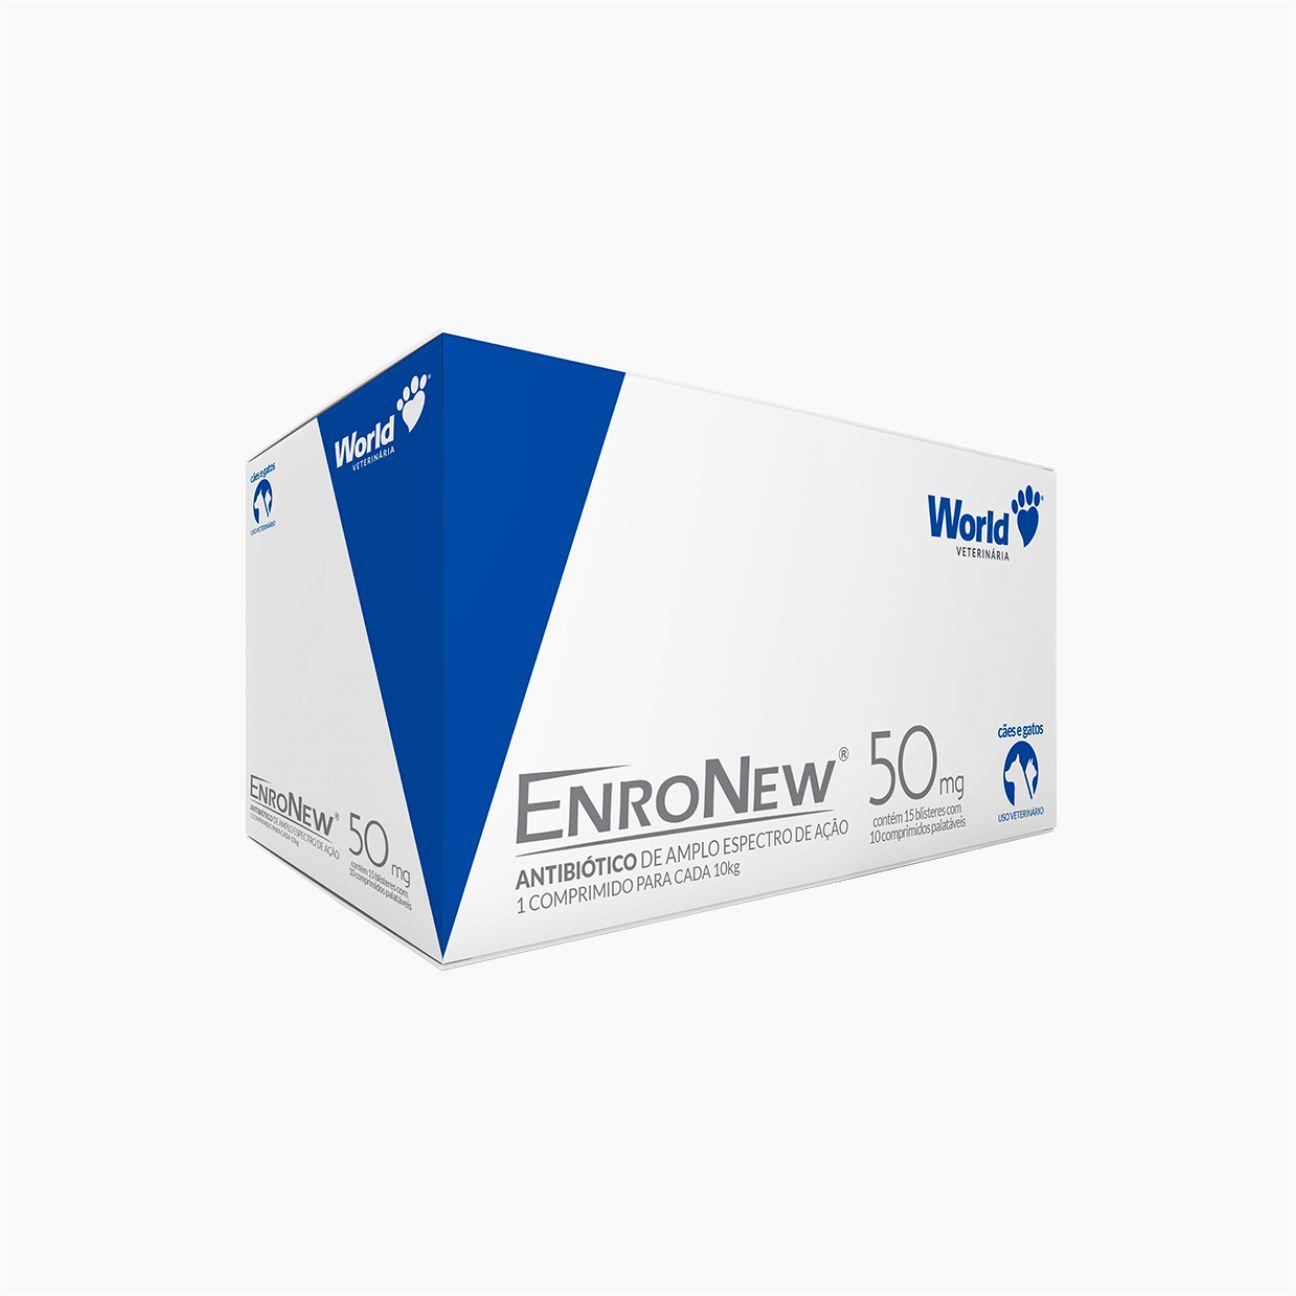 50mg EnroNew